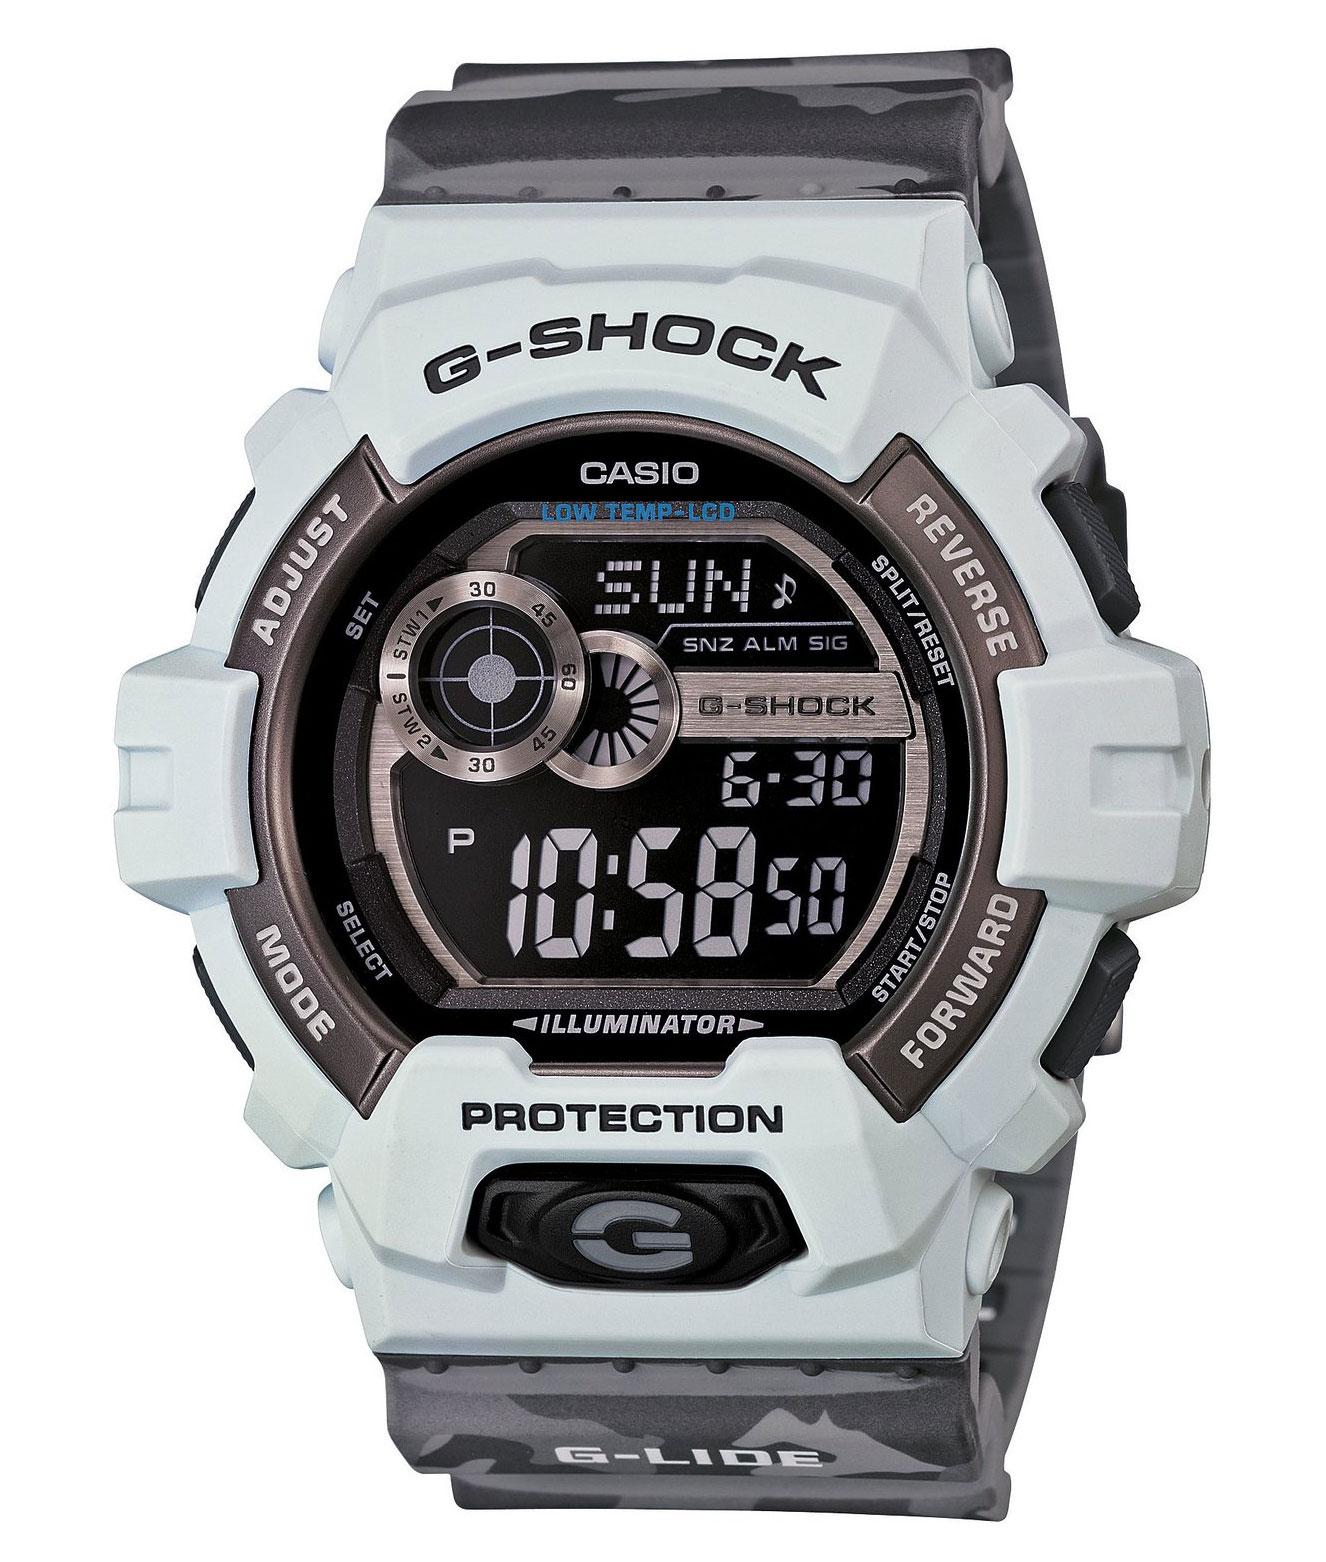 Часы мужские наручные Casio G-SHOCK, цвет: светлосерый, серый. GLS-8900CM-8EBM8434-58AEСтильные мужские часы Casio G-SHOCK выполнены из полимерных материалов и минерального стекла. Изделие дополнено светодиодной подсветкой высокой яркости, корпус часов оформлен символикой бренда и оригинальным принтом камуфляж. В часах предусмотрен цифровой отсчет времени.Часы оснащены функцией мирового времени, которая позволяет мгновенно выяснять текущее время. Часы могут быть настроены на подачу тонального или светового сигнала при наступлении выставленного времени. Функция таймера позволит обеспечить обратный отсчет времени, начиная с выставленного и подачу тонального или светового сигнала, когда отсчет доходит до нуля. Функция секундомера позволит замерять прошедшее время в пределах тысячи часовс точностью 1/100 секунды, предусмотрен будильник. Степень влагозащиты 20 atm. Изделие дополнено ремешком из полимерного материала, который обладает антибактериальными и запахоустойчивыми свойствами. Ремешок застегивается на пряжку, позволяющую максимально комфортно и быстро снимать и одевать часы.Часы поставляются в фирменной упаковке.Многофункциональные часы Casio G-SHOCK подчеркнут мужской характер и отменное чувство стиля у их обладателя.